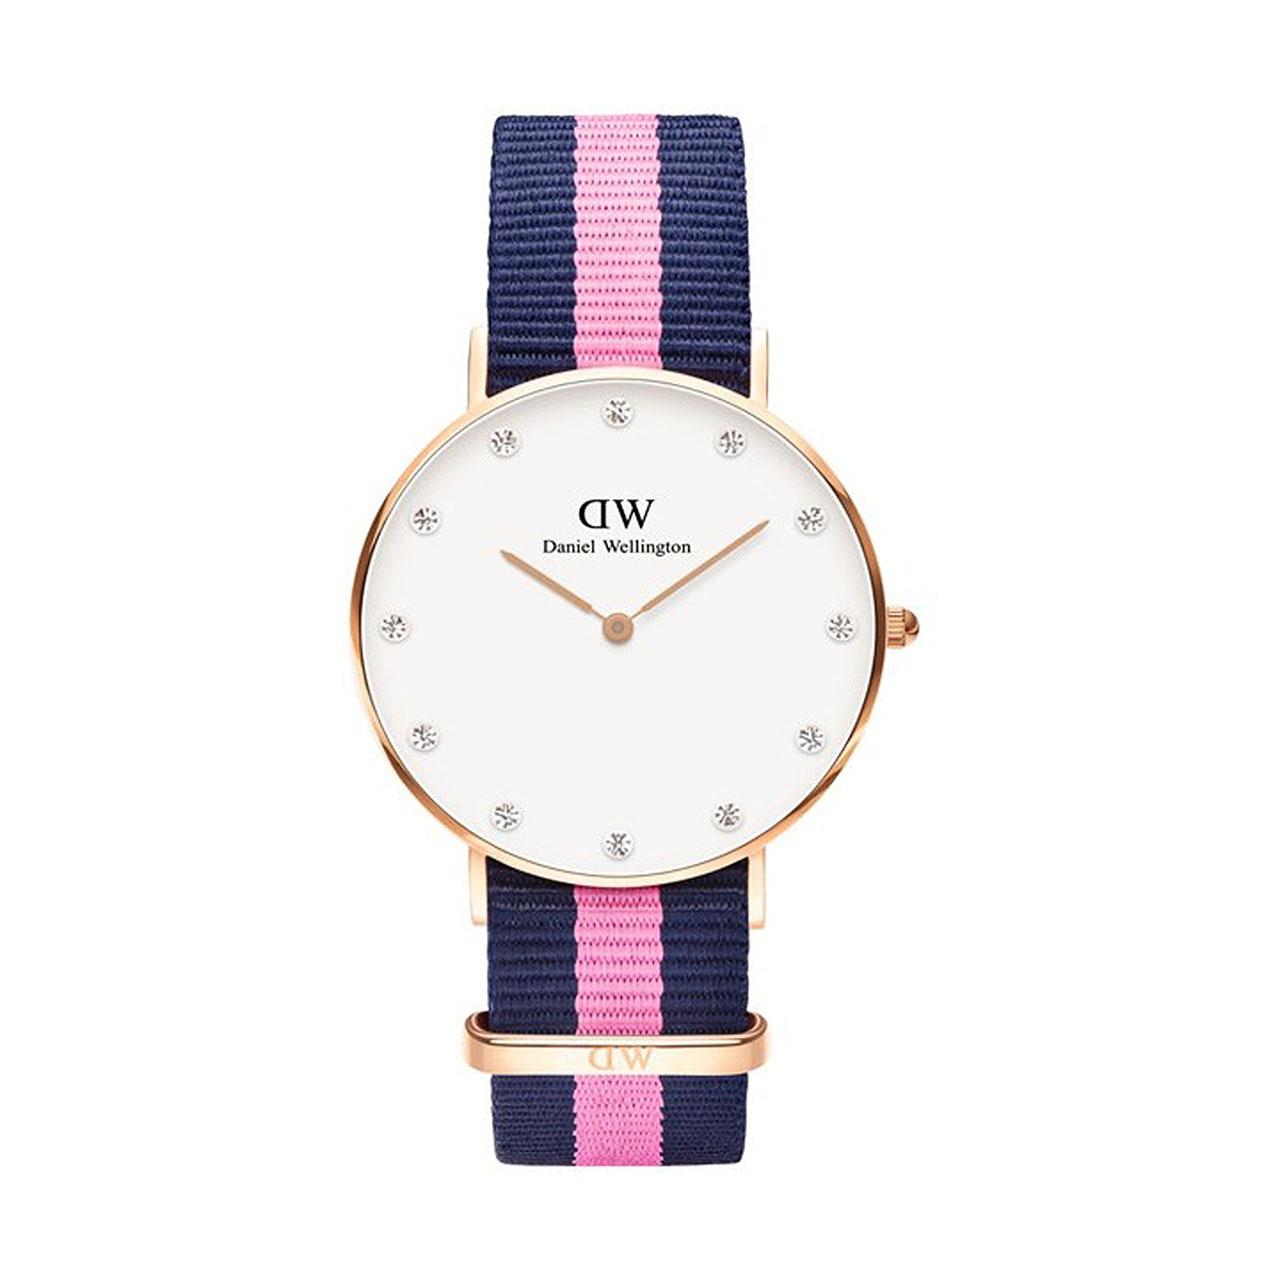 ساعت مچی عقربه ای زنانه دنیل ولینگتون مدل DW00100077              خرید (⭐️⭐️⭐️)